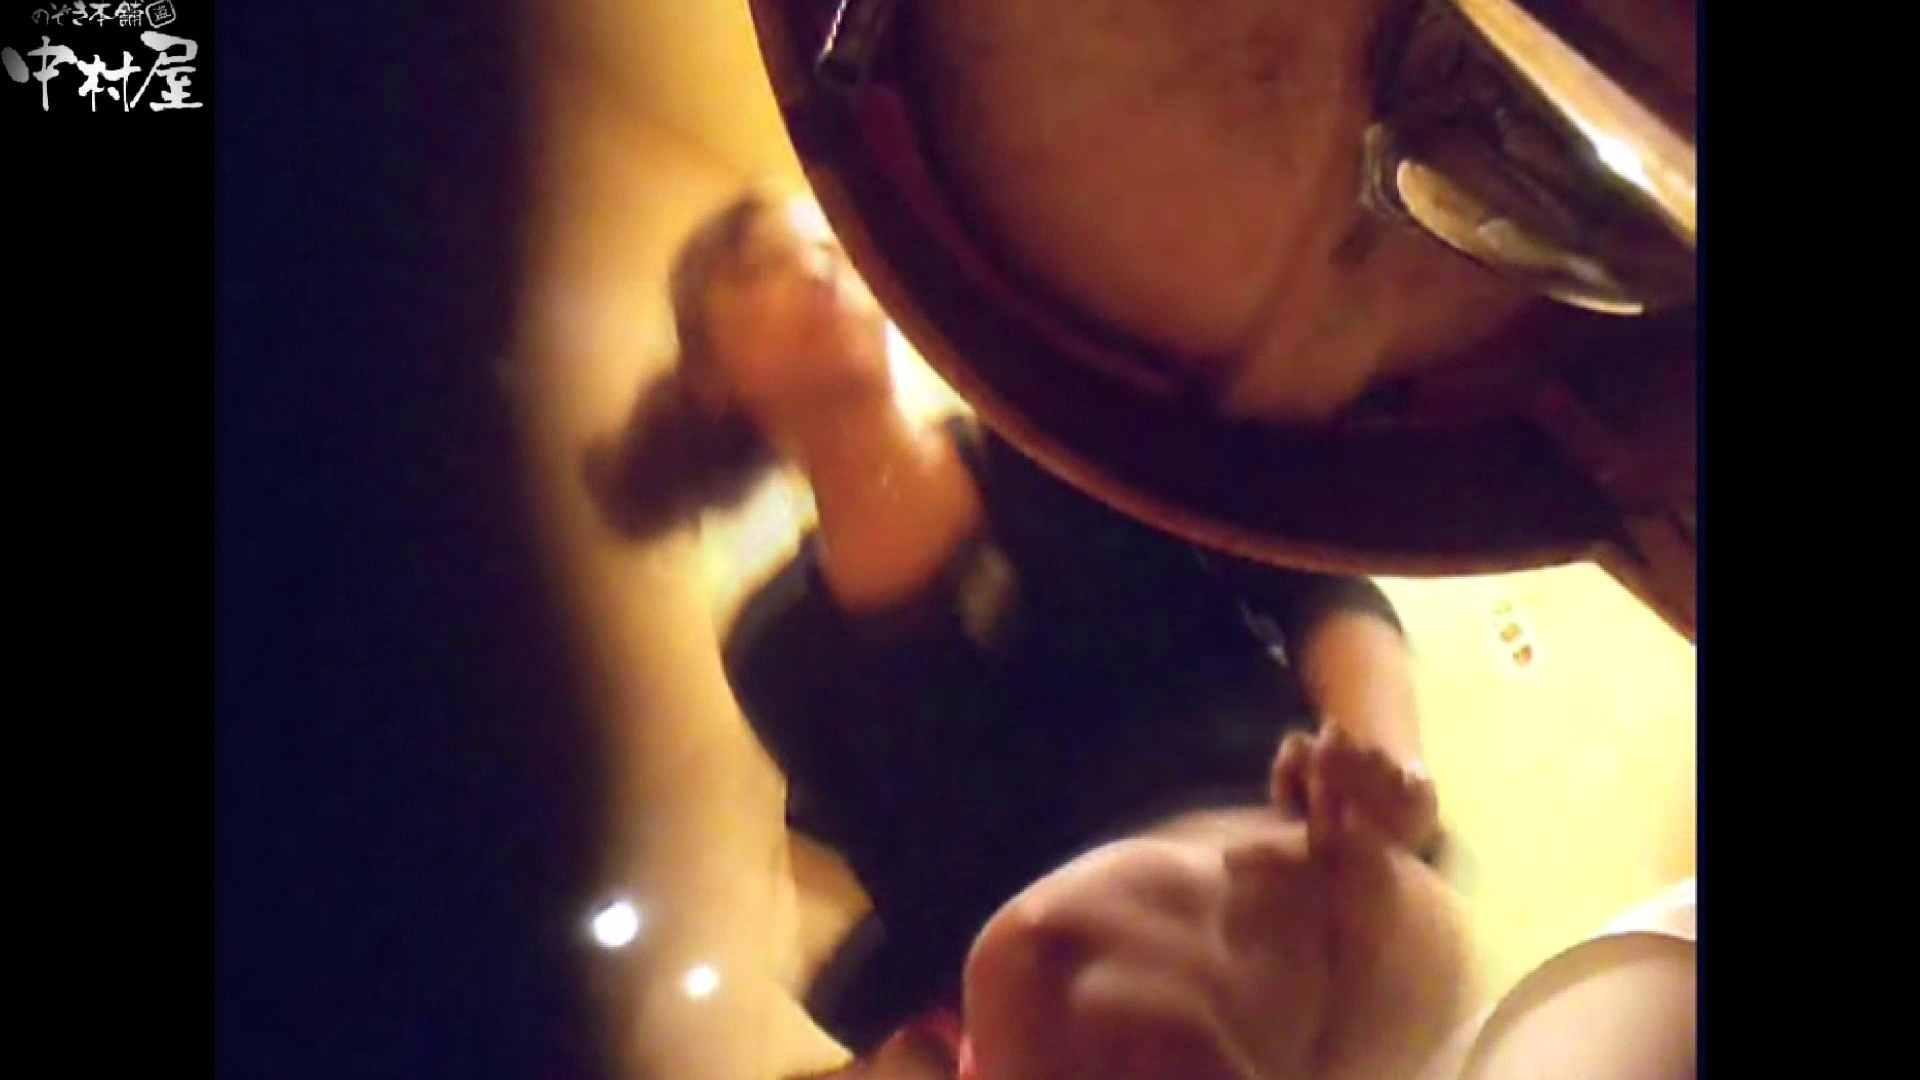 突撃!女子化粧室の真実vol.43前編 OLエロ画像 盗撮アダルト動画キャプチャ 88PICs 26